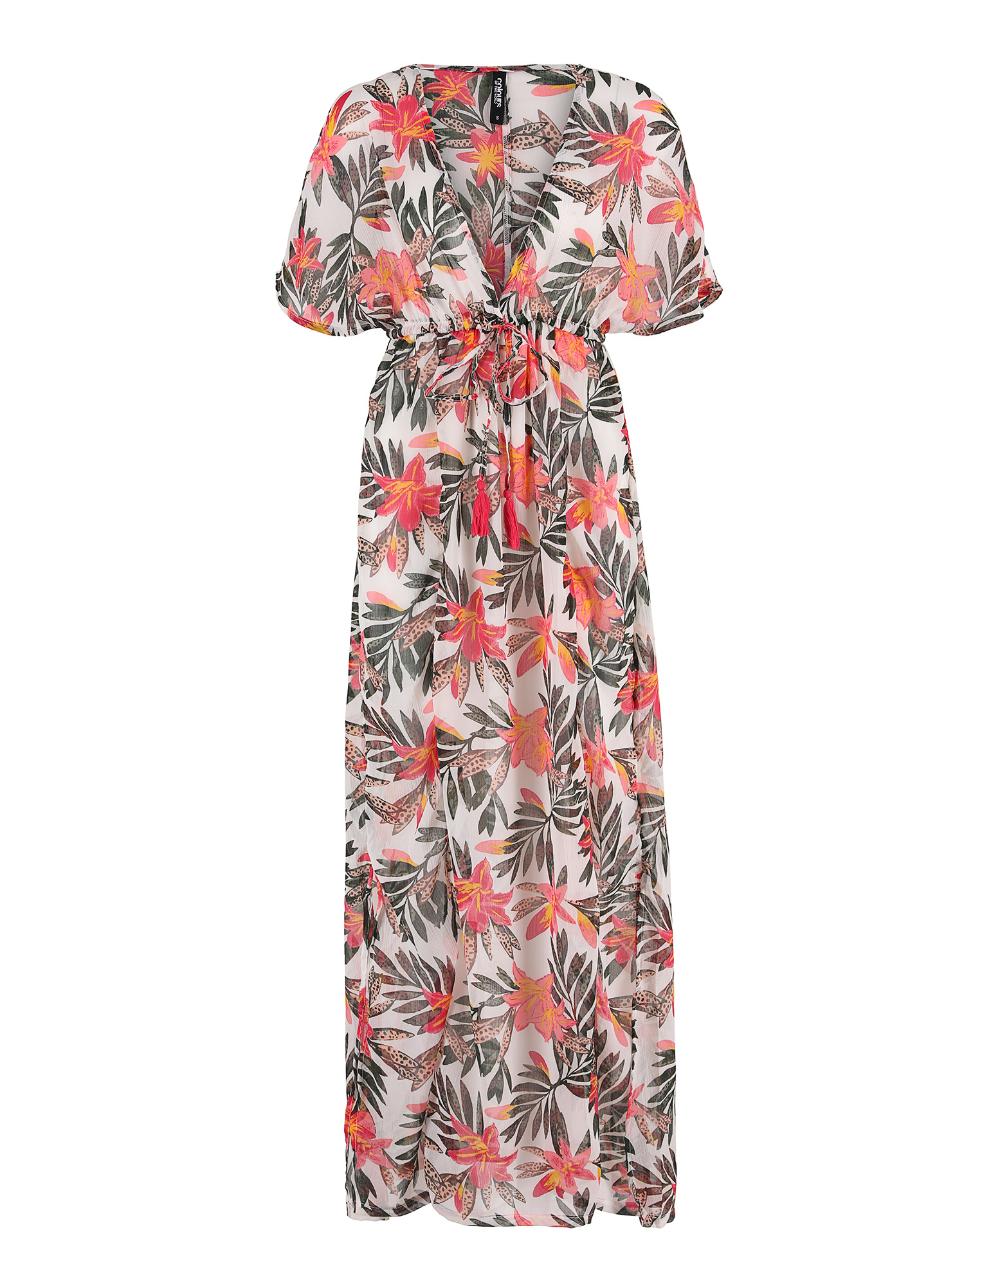 Damen Kaftan Mit Floralem Muster Takko Fashion In 2020 Floral Muster Sommer Accessoires Modestil